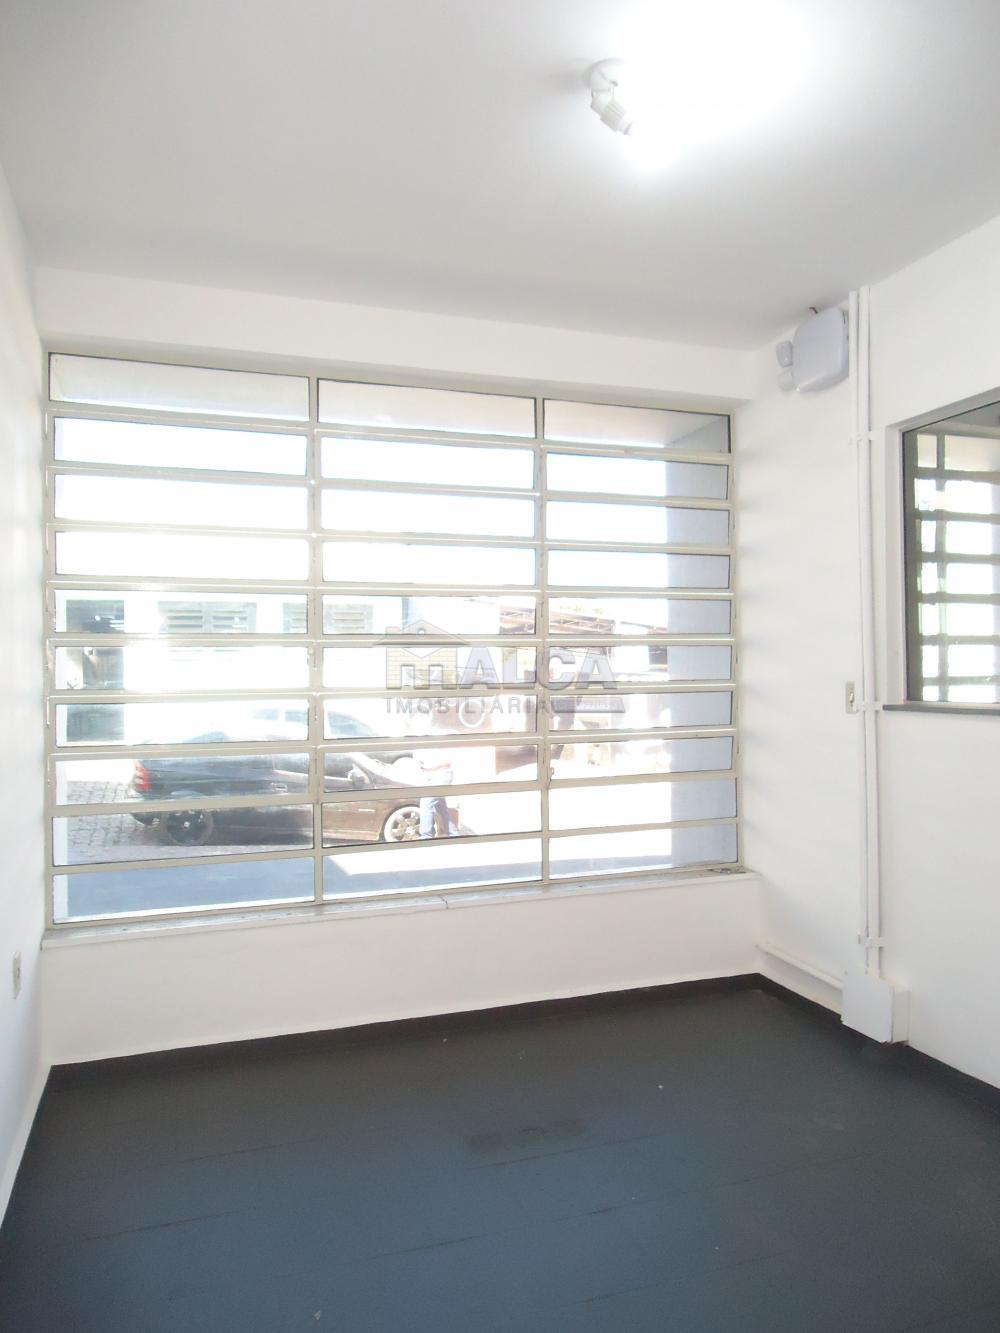 Alugar Comerciais / Salões em São José do Rio Pardo R$ 2.500,00 - Foto 9